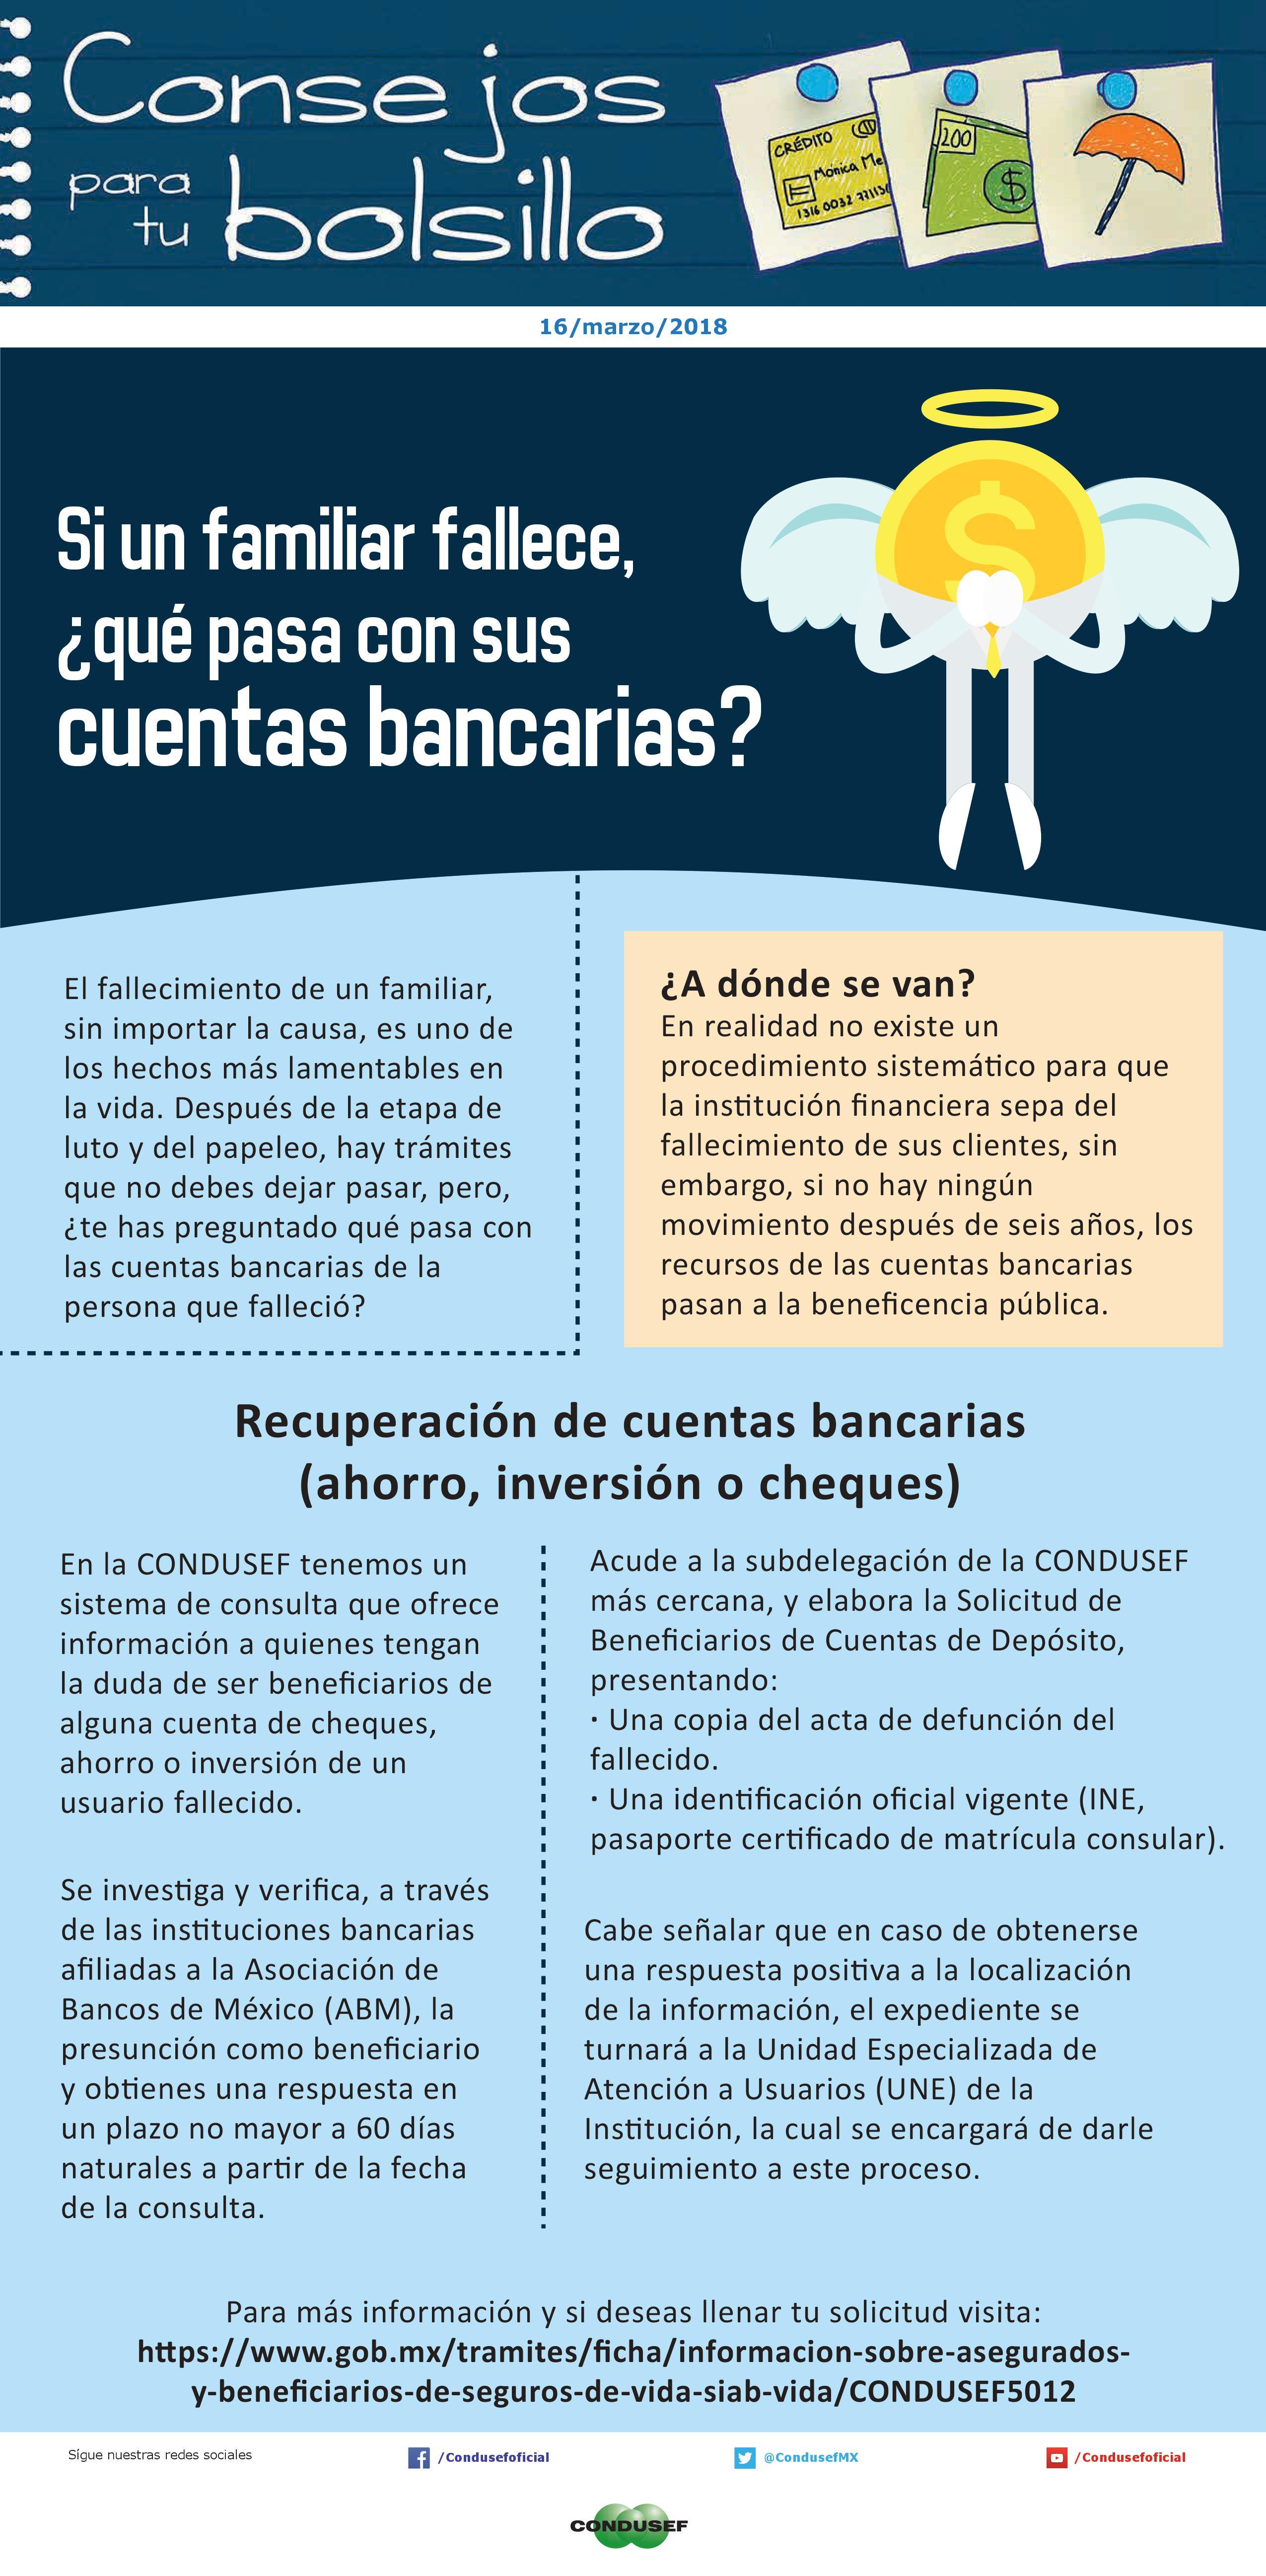 Si un familiar fallece, ¿qué pasa con sus cuentas bancarias?